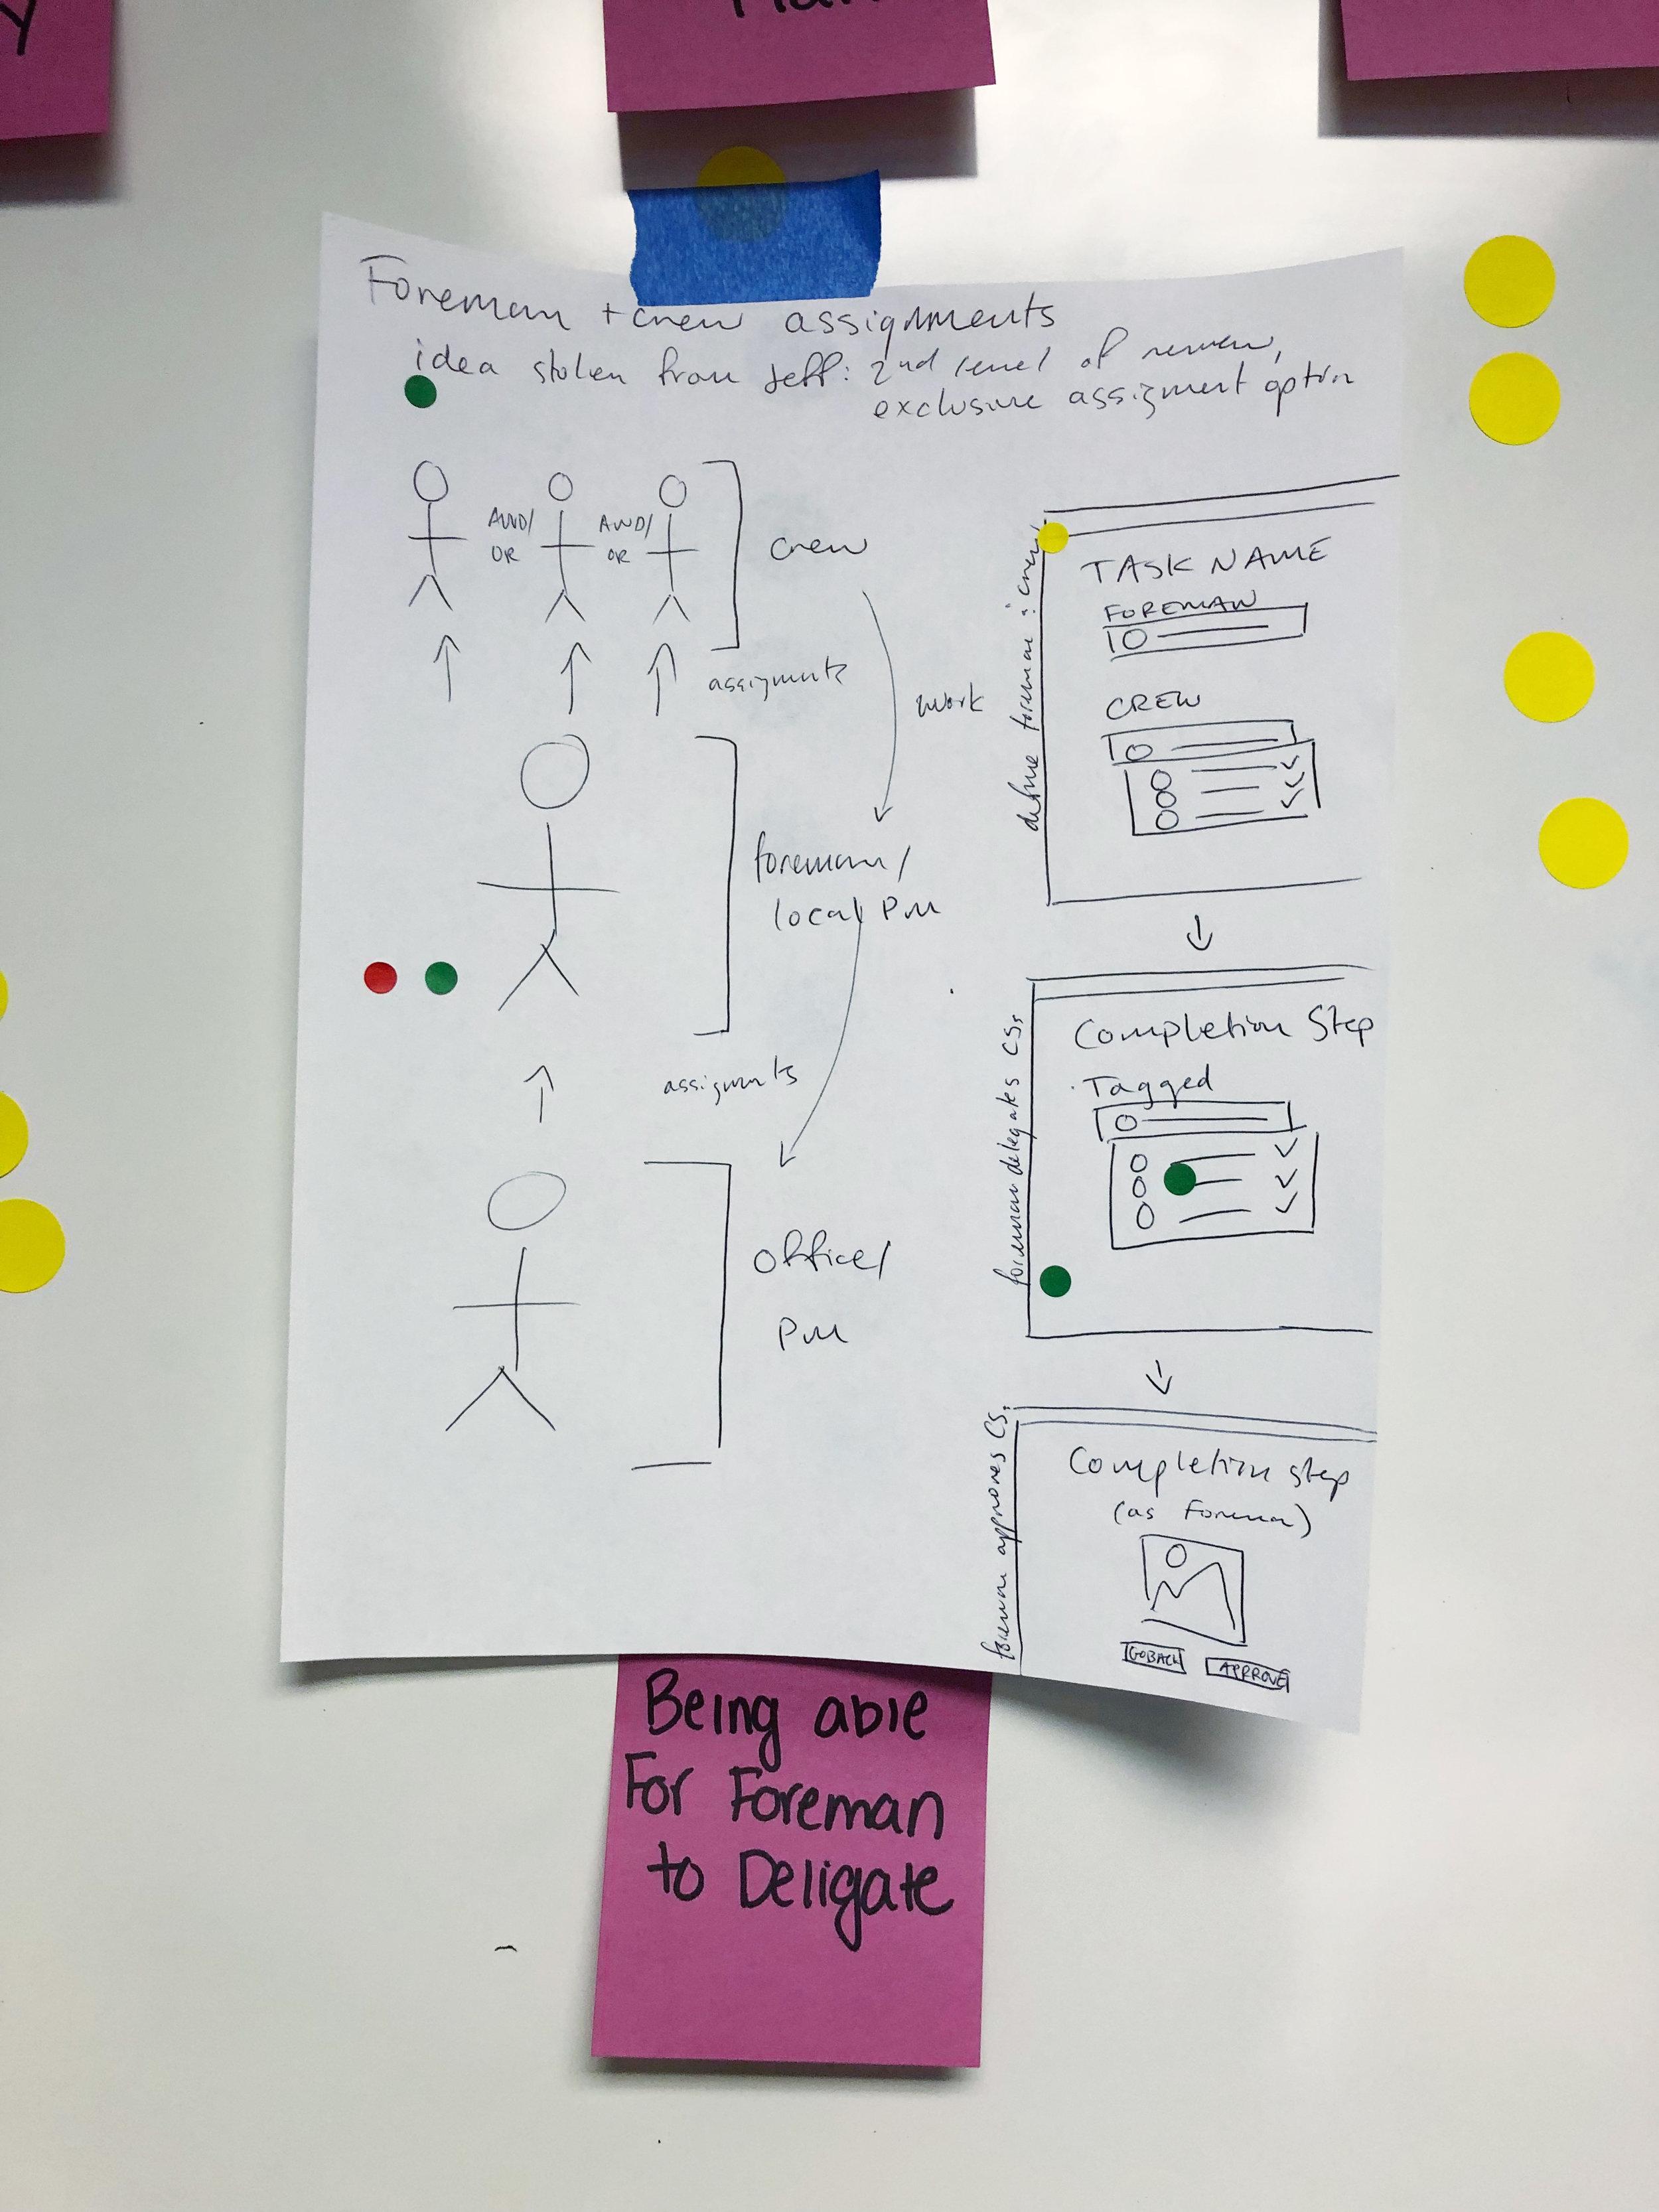 Copy of Sketch From Design Workshop